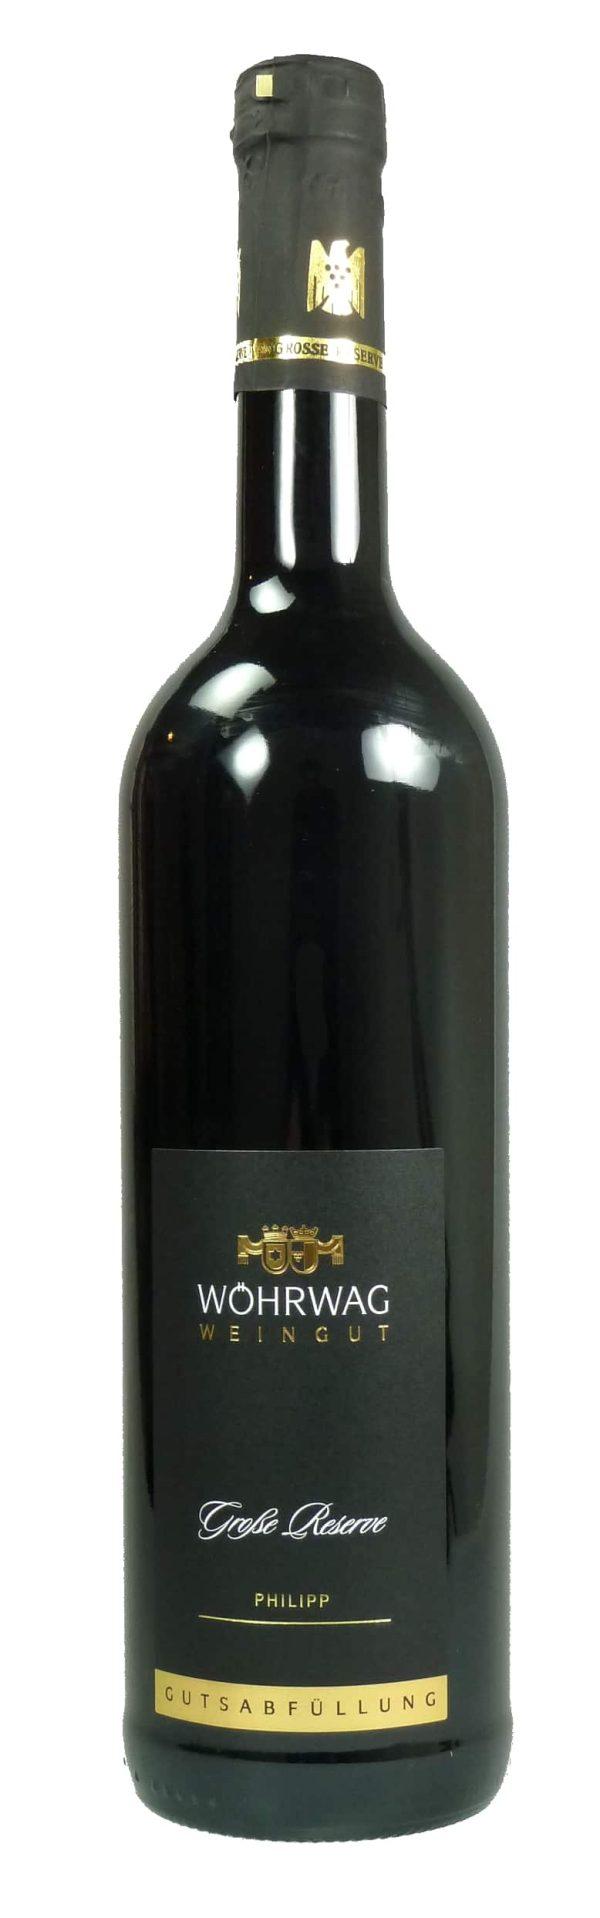 Philipp Rotweincuvée Große Reserve Qualitätswein trocken  2014